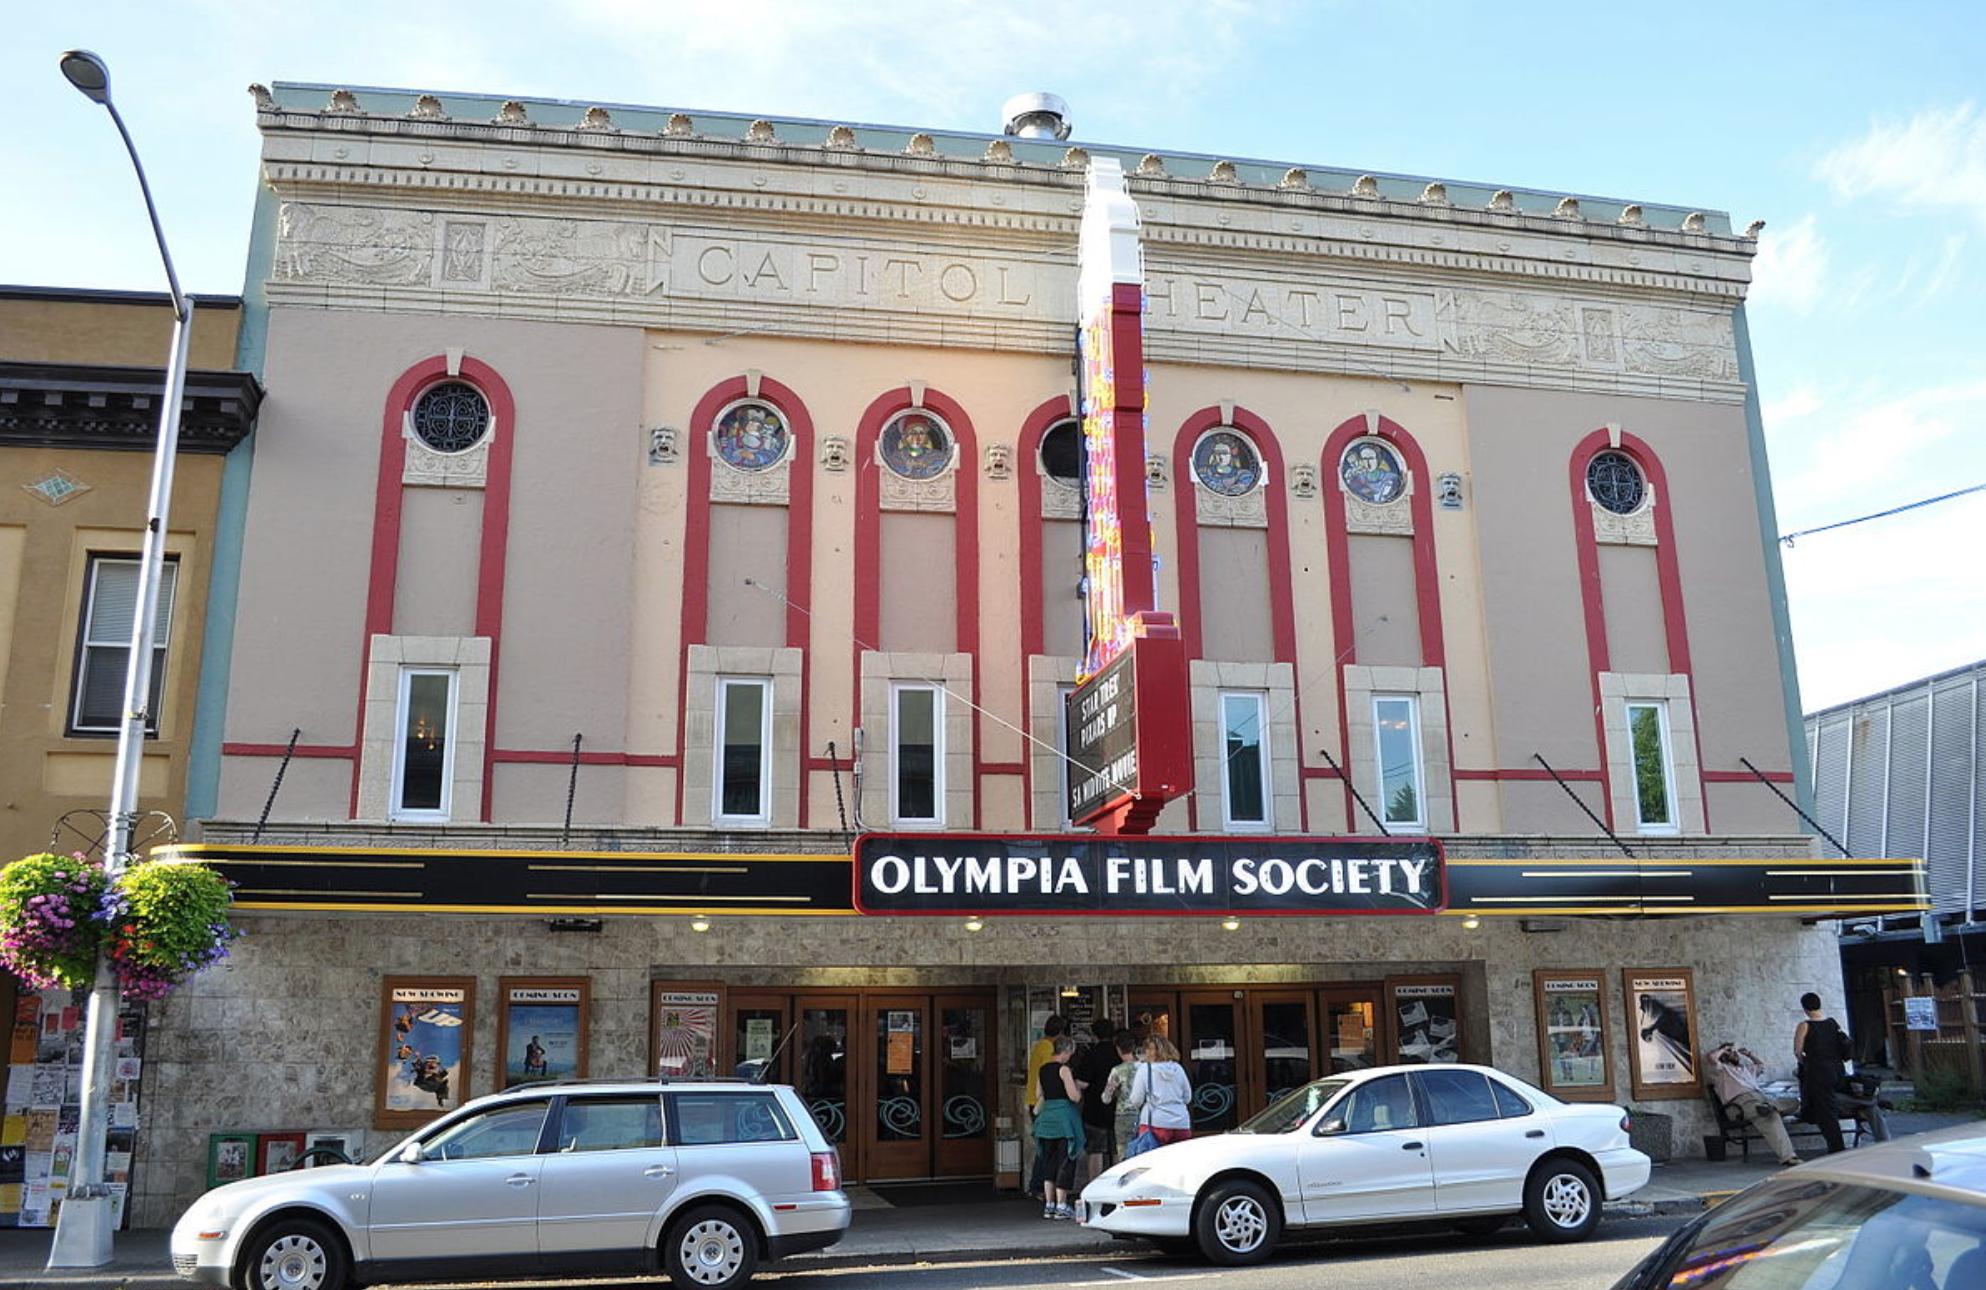 Capitol Theater- Olympia, Washington Olympia Film Society